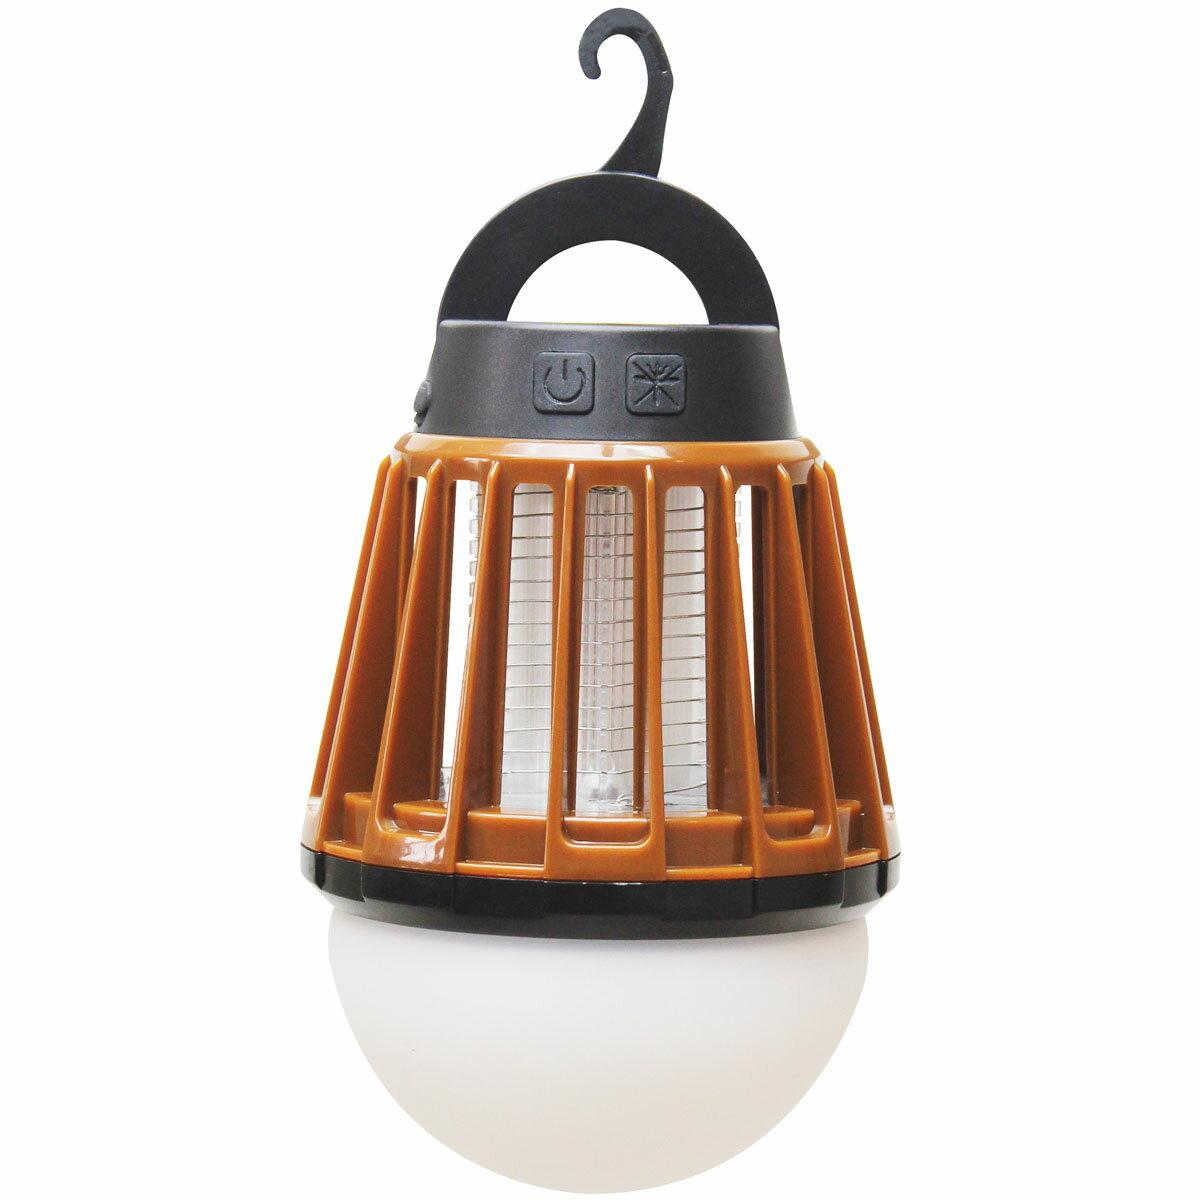 【送料無料】 Field to Summit モスキートガードランタン ブラウン 暖色LED OFLANMBR 充電式 LED 吊り下げ 電撃殺虫